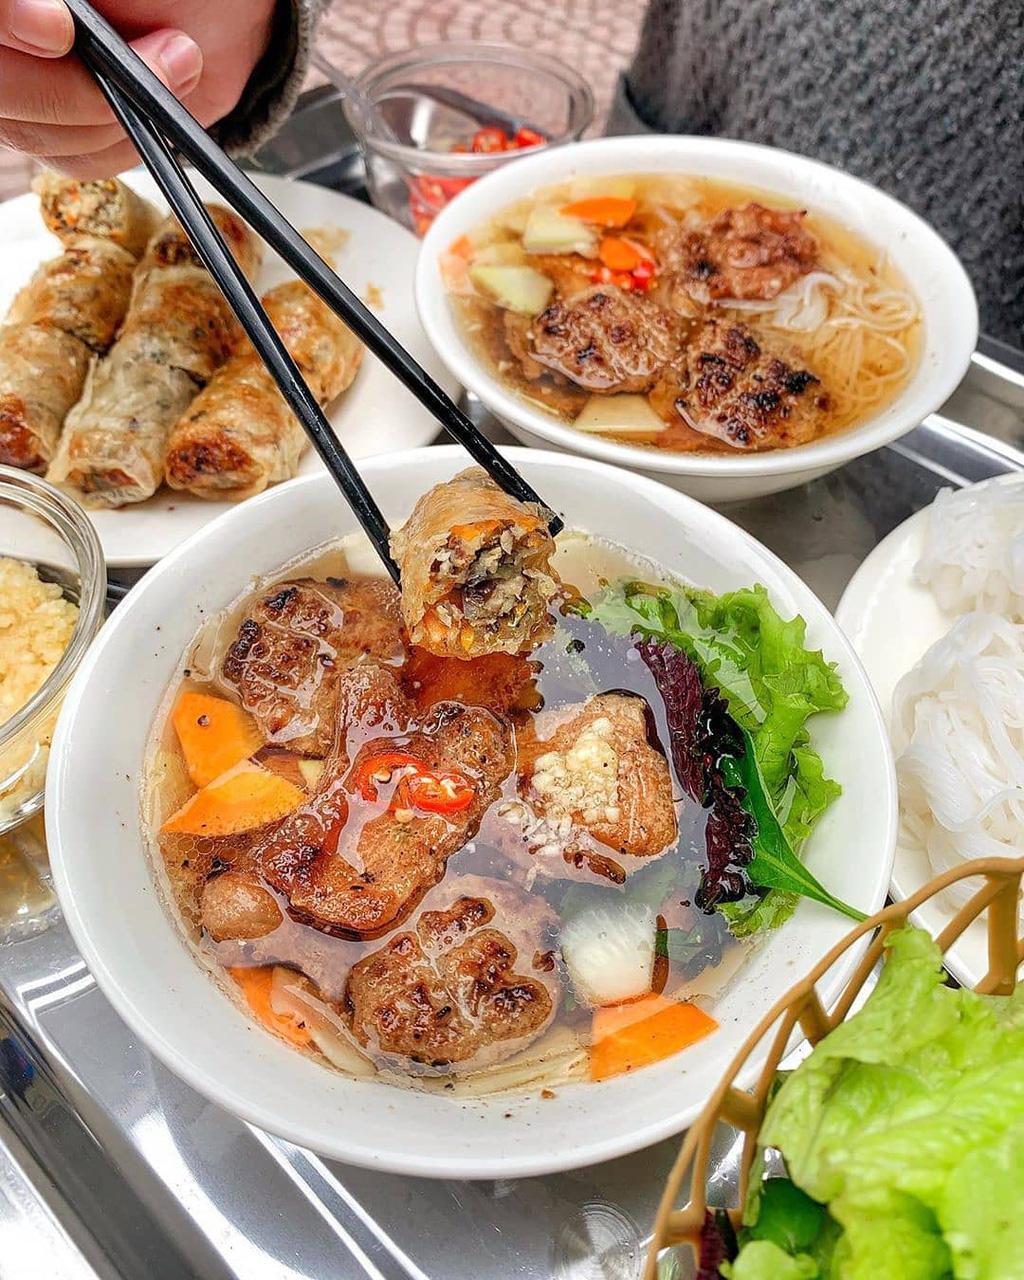 """Báo Pháp gọi Hà Nội là """"ngôi đền của những món ăn đường phố"""" - Ảnh 2."""